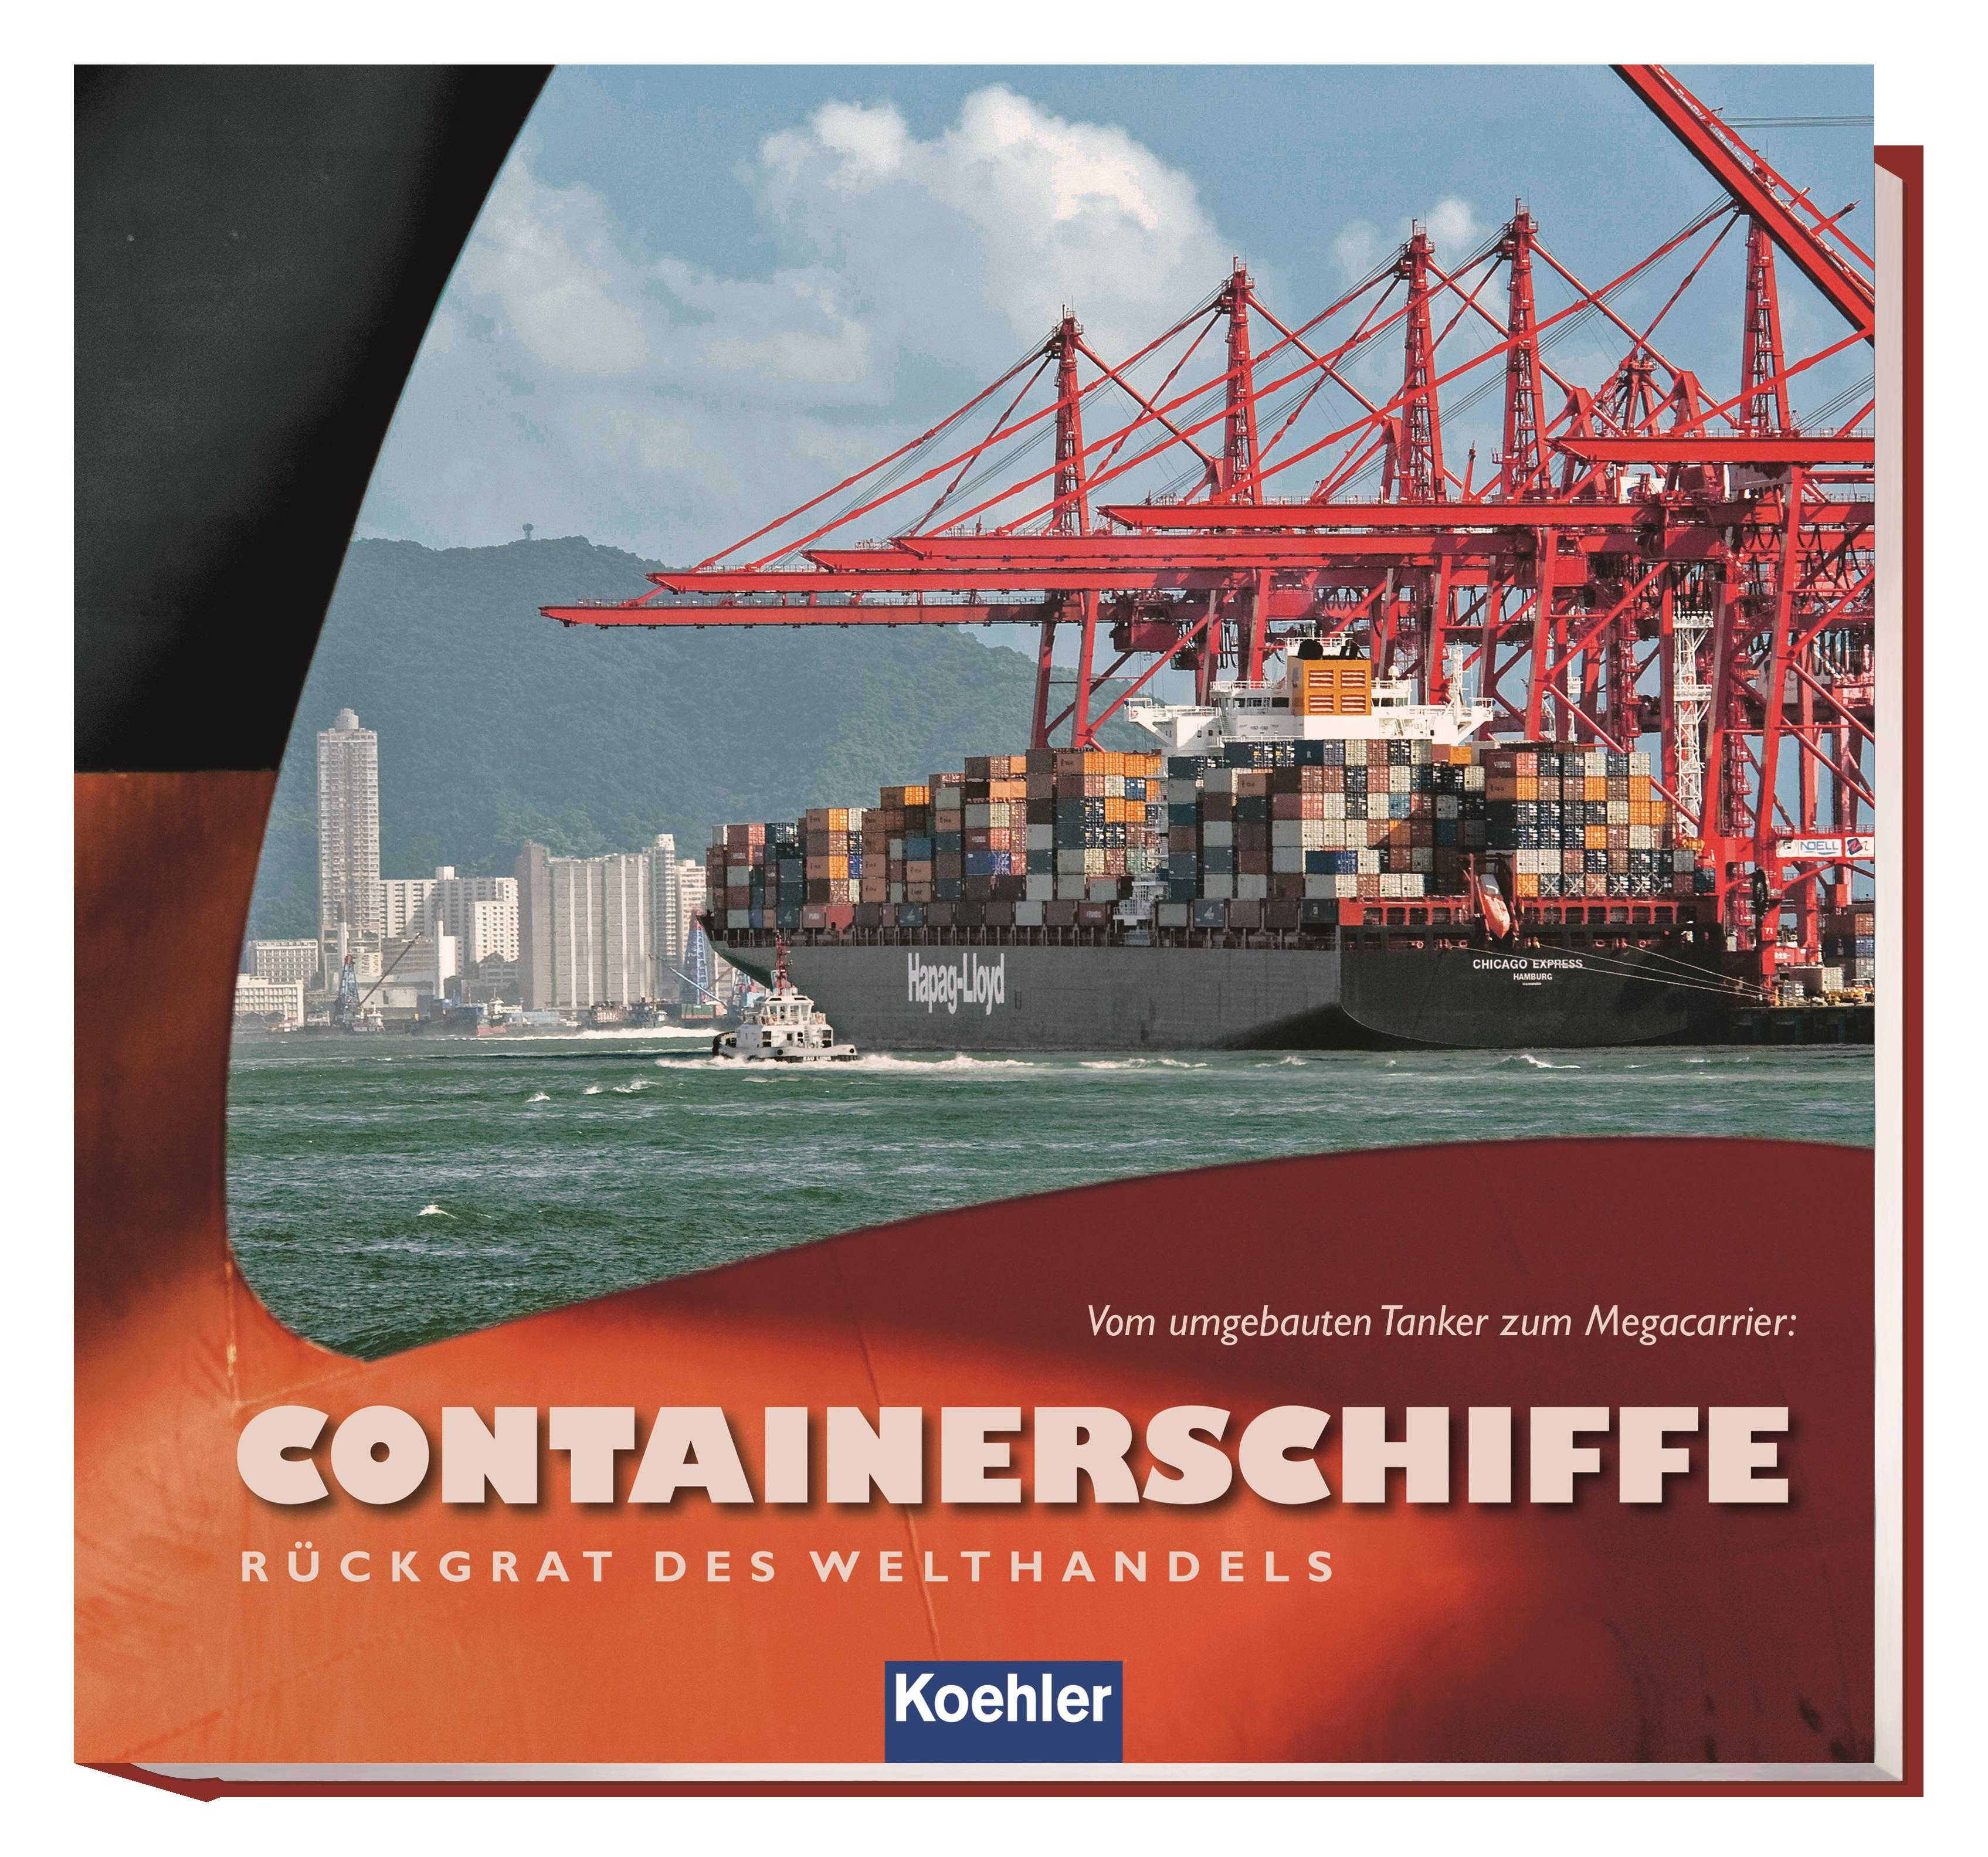 Witthöft, Hans Jürgen – Containerschiffe - Rückgrat des Welthandels